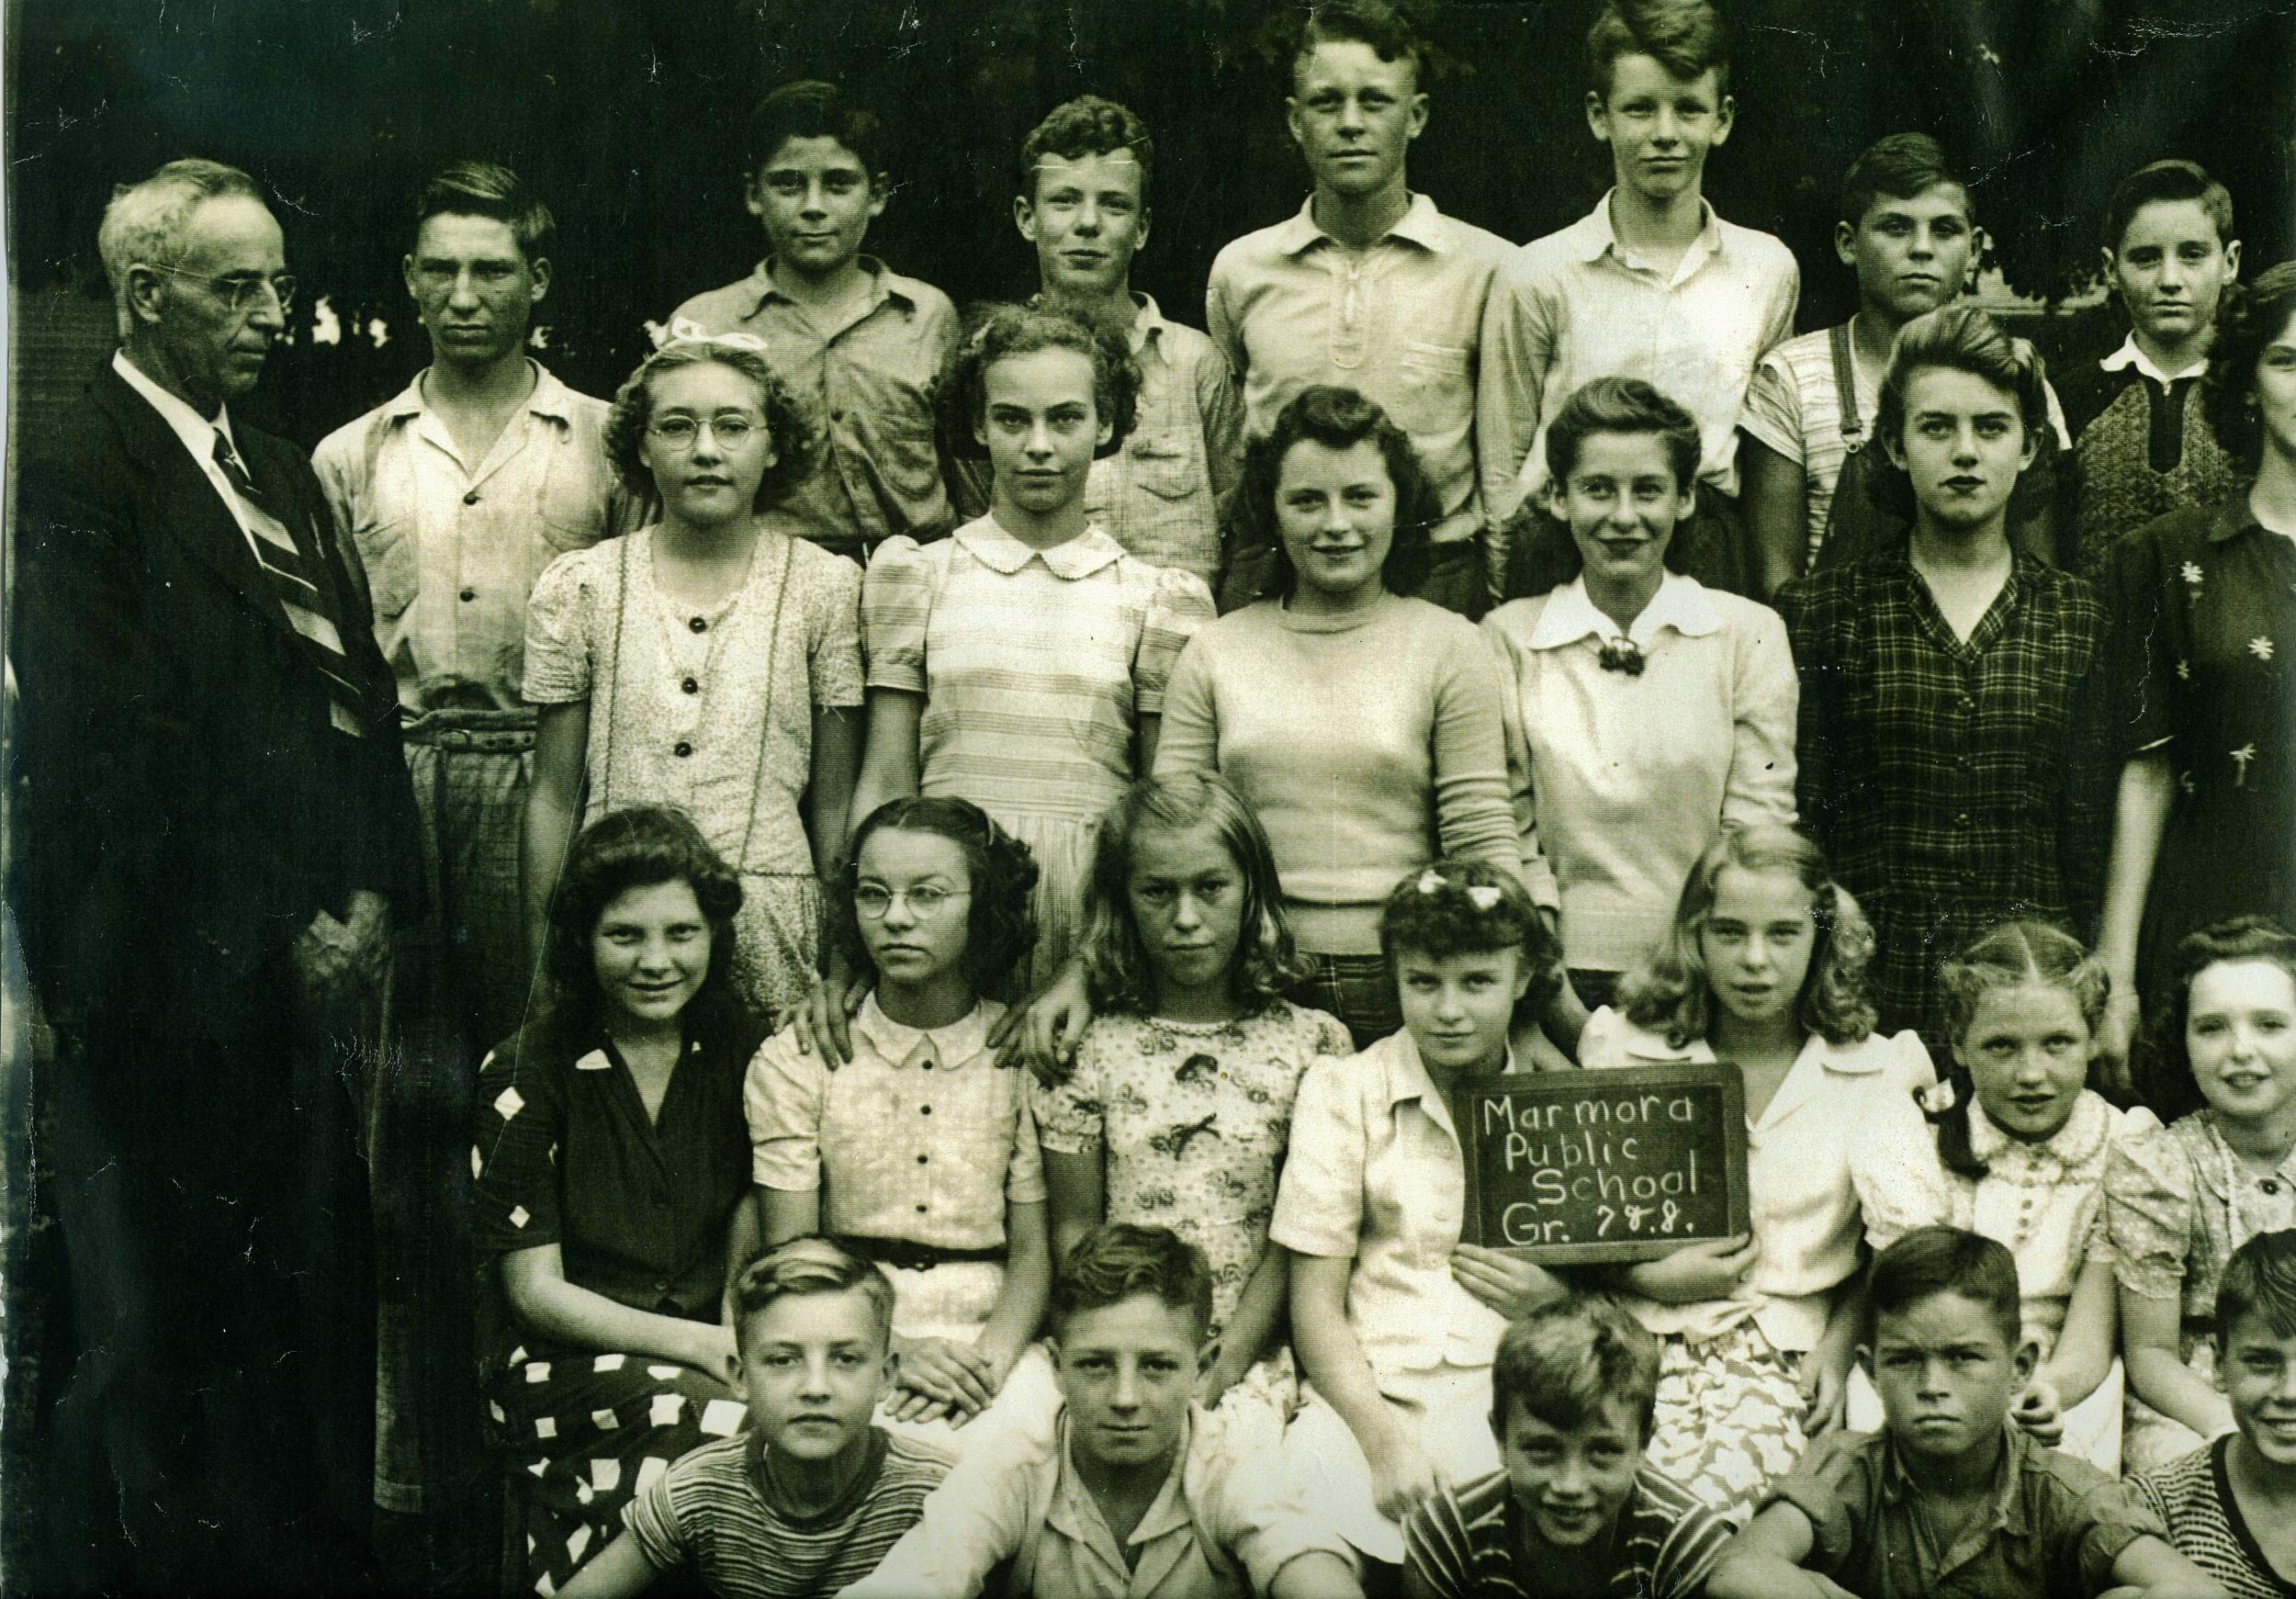 Marmora Public School 1944 Grade 7 & 8 (Left side).jpg